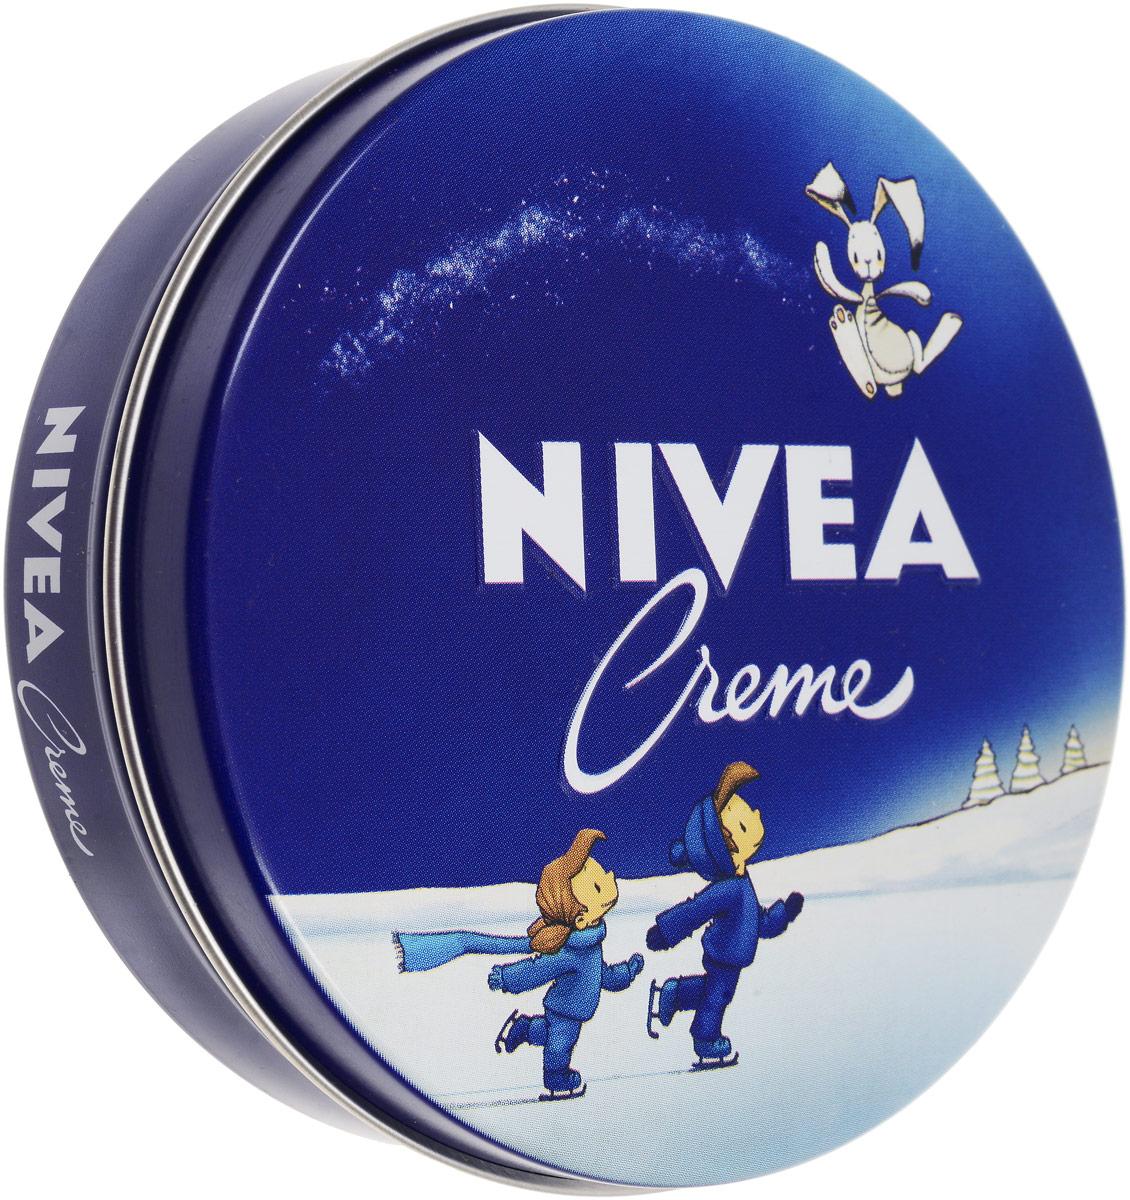 Крем Nivea Creme для кожи, 150 мл nivea men s water cool cooling увлажняющий гель 150 мл молочный крем для мужчин с увлажняющим увлажняющим средством для ухода за кожей net shuang